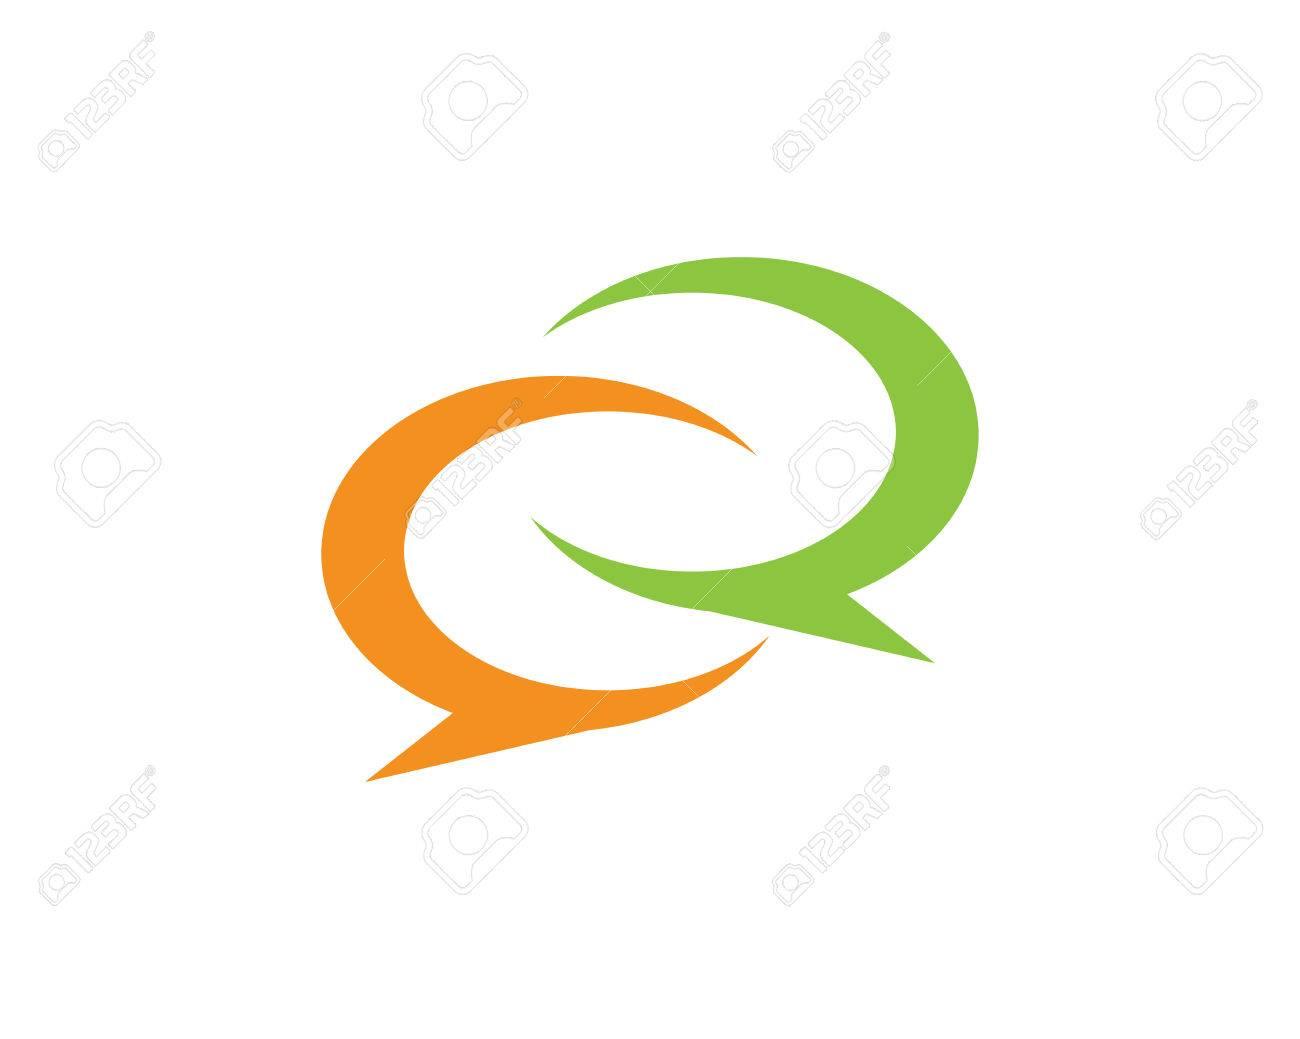 4daabd0c121e42 Speech bubble icon Logo template vector illustration Stock Vector - 85190269